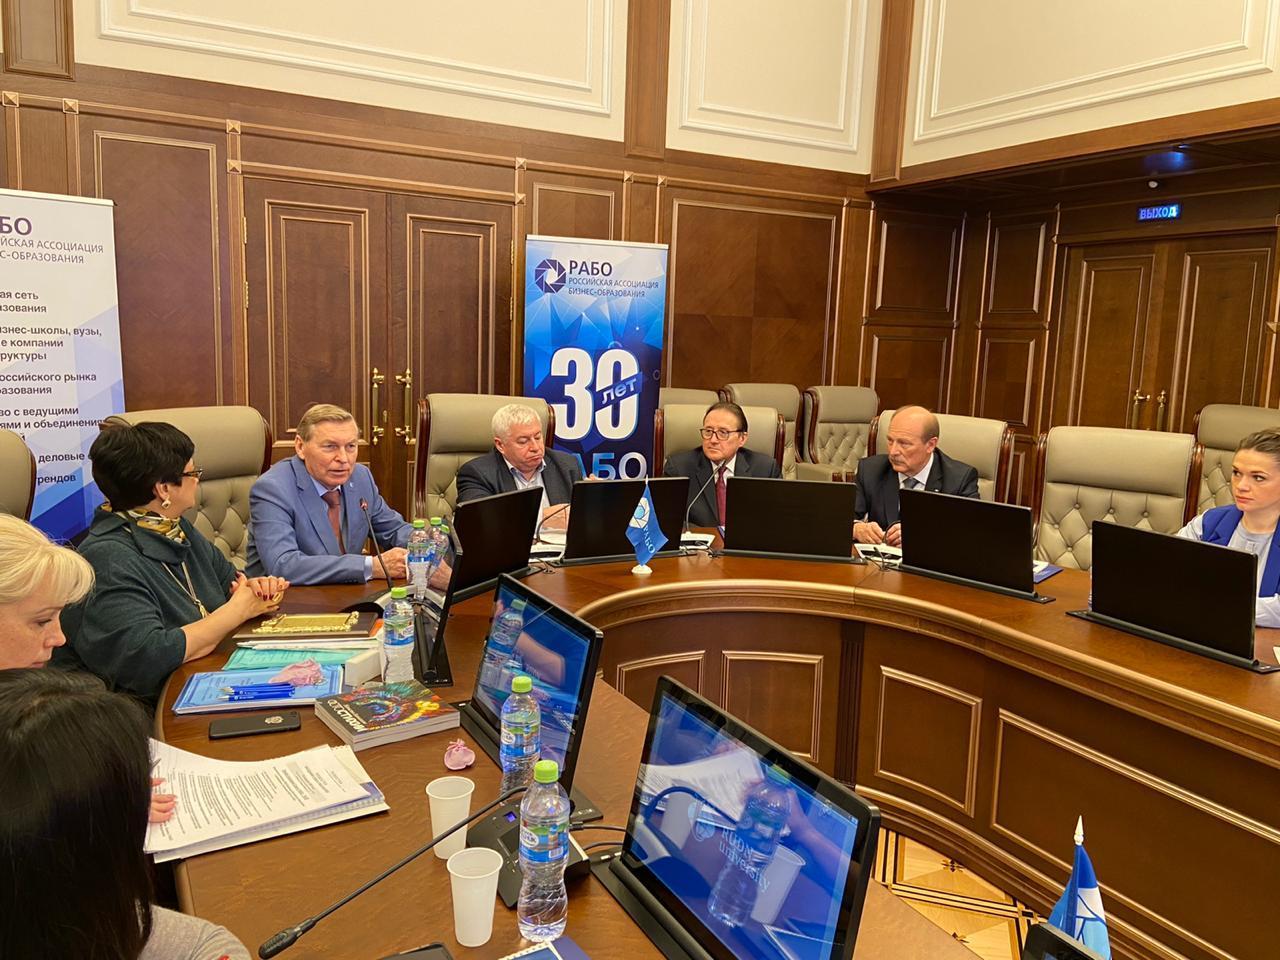 Заседание совета РАБО-2020 фото 4